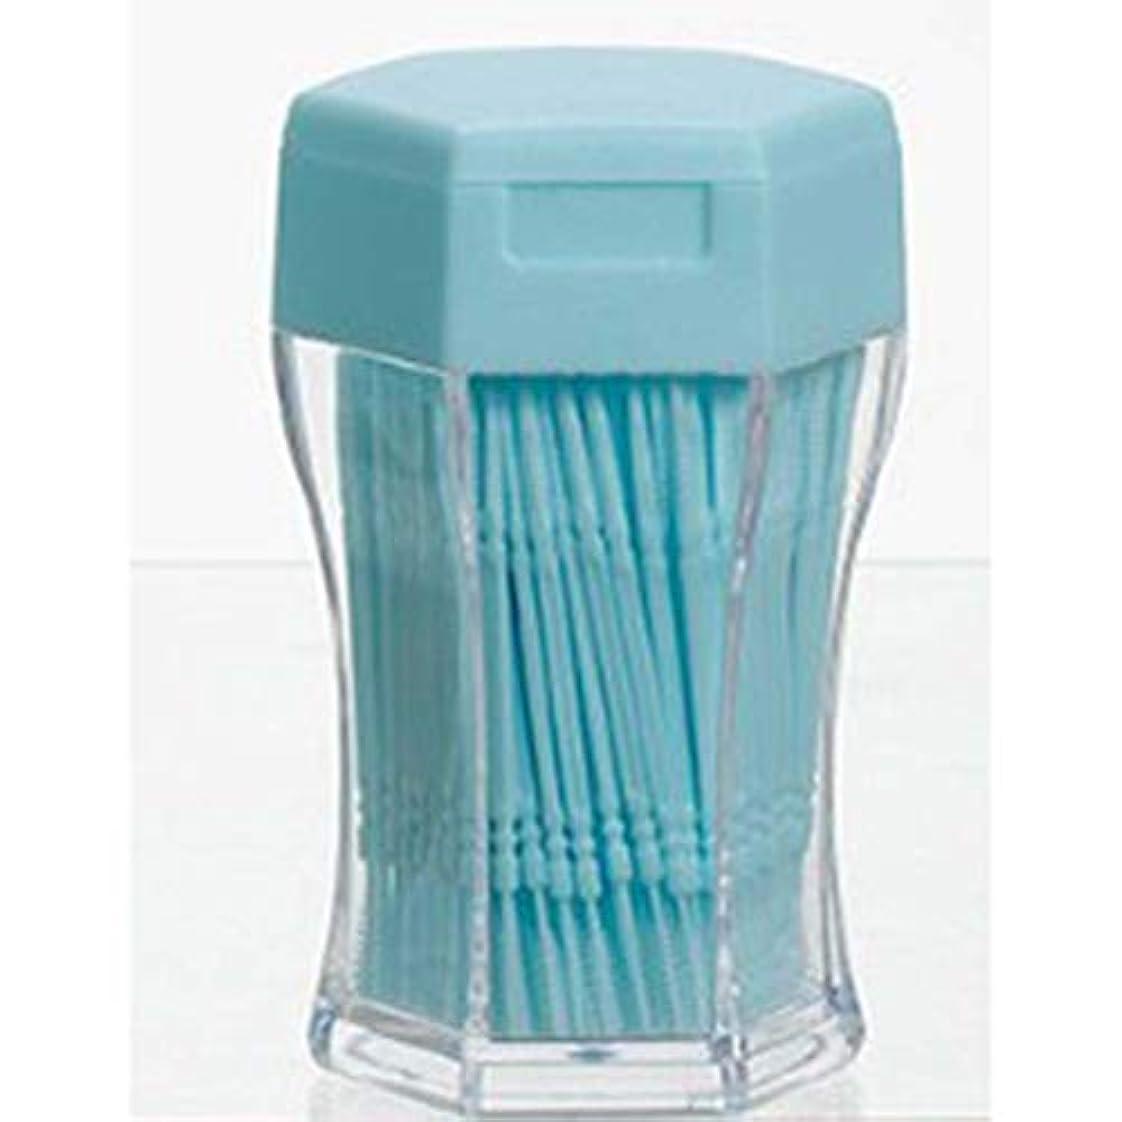 すばらしいです後退する愛する200ピース/セットダブルヘッド歯フロス衛生デンタルフロスプラスチック歯間つまようじ健康用歯のクリーニングオーラルケア(Color:blue)